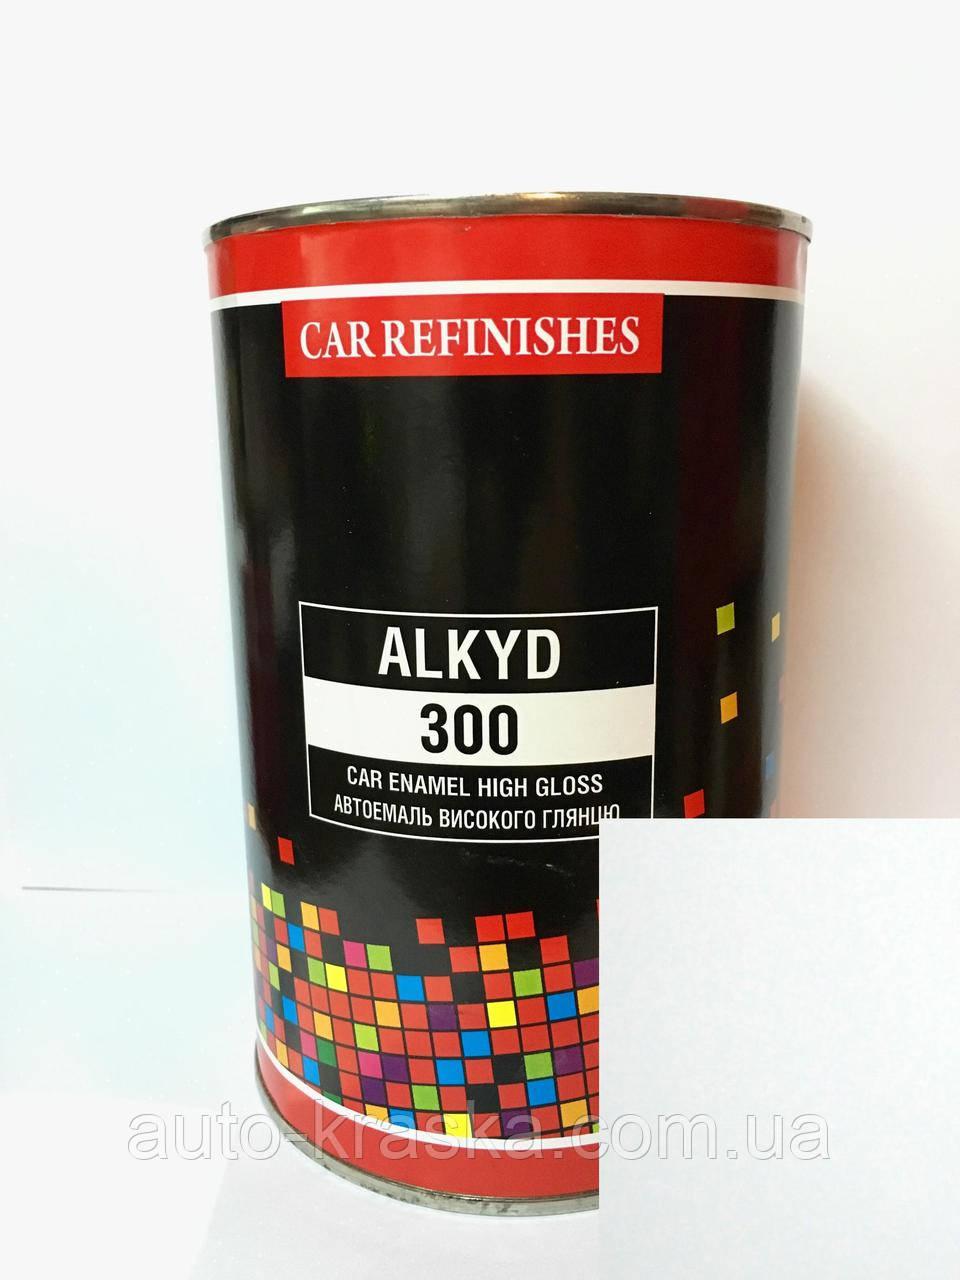 Автоэмаль алкидная 1л БЕЛАЯ ТОЙОТА 040 CS System Алкид - 300